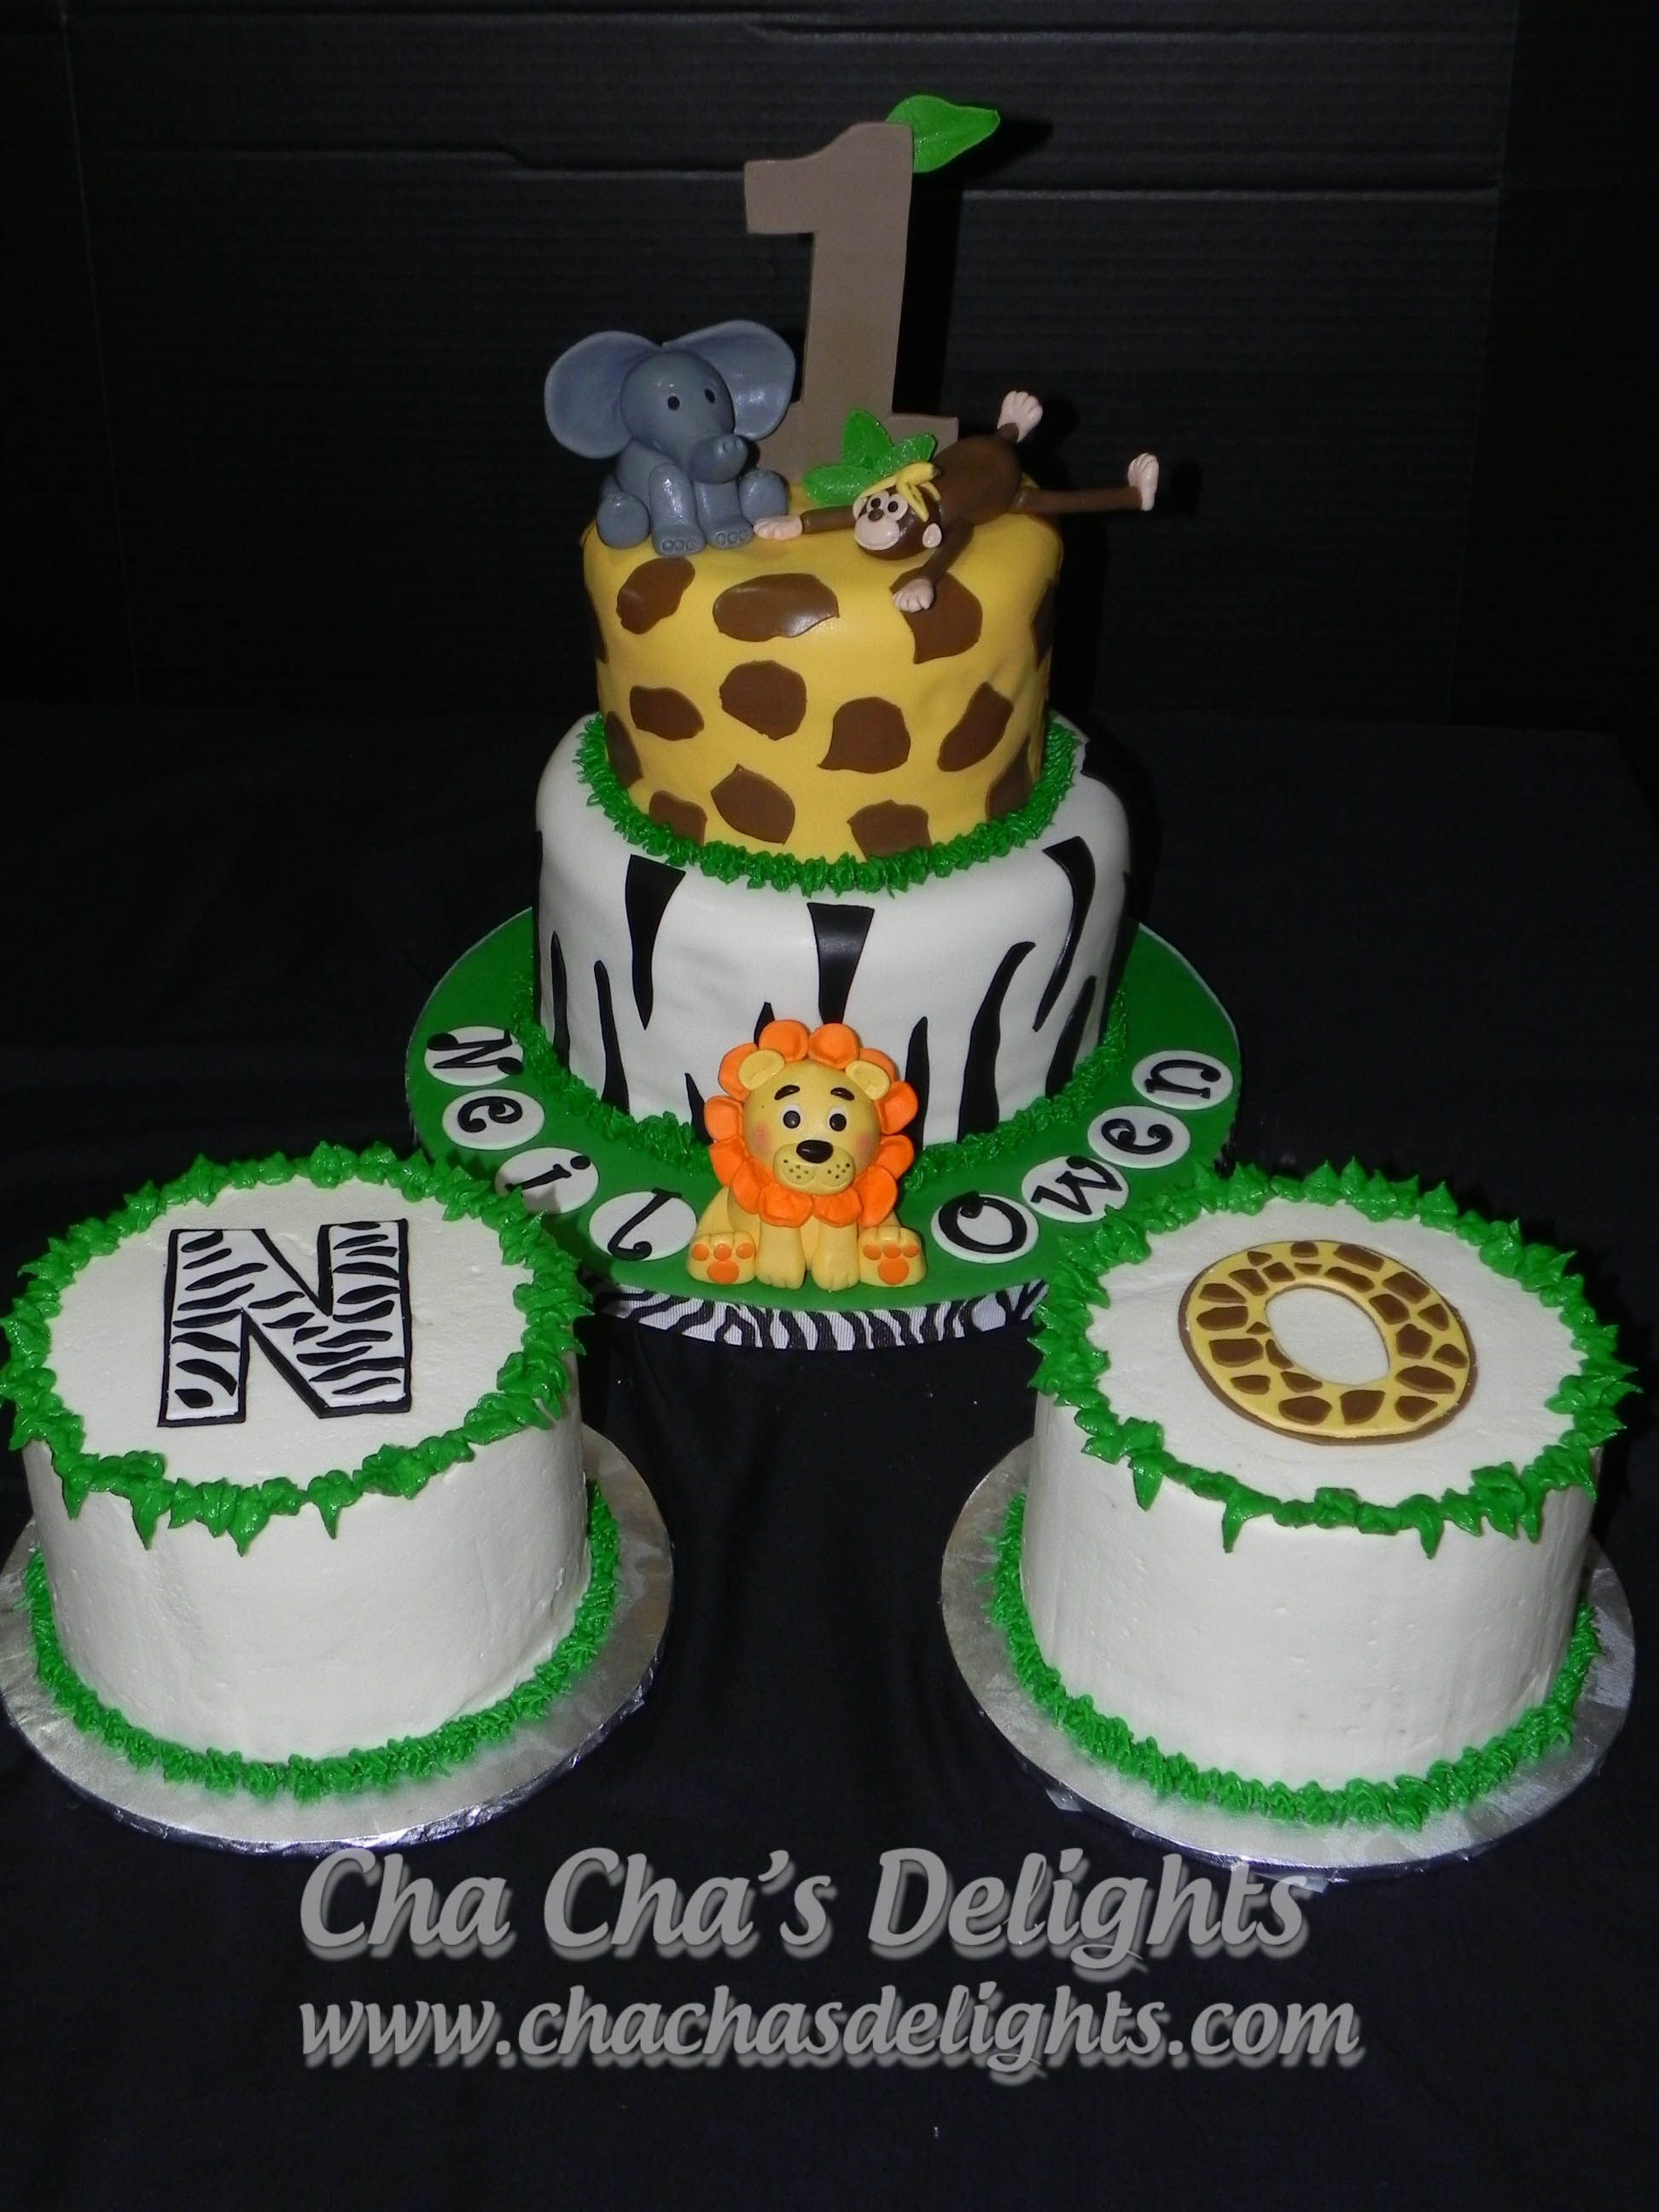 Safari 1st Birthday Cake And Smash Cakes Bottom Tier Red Velvet